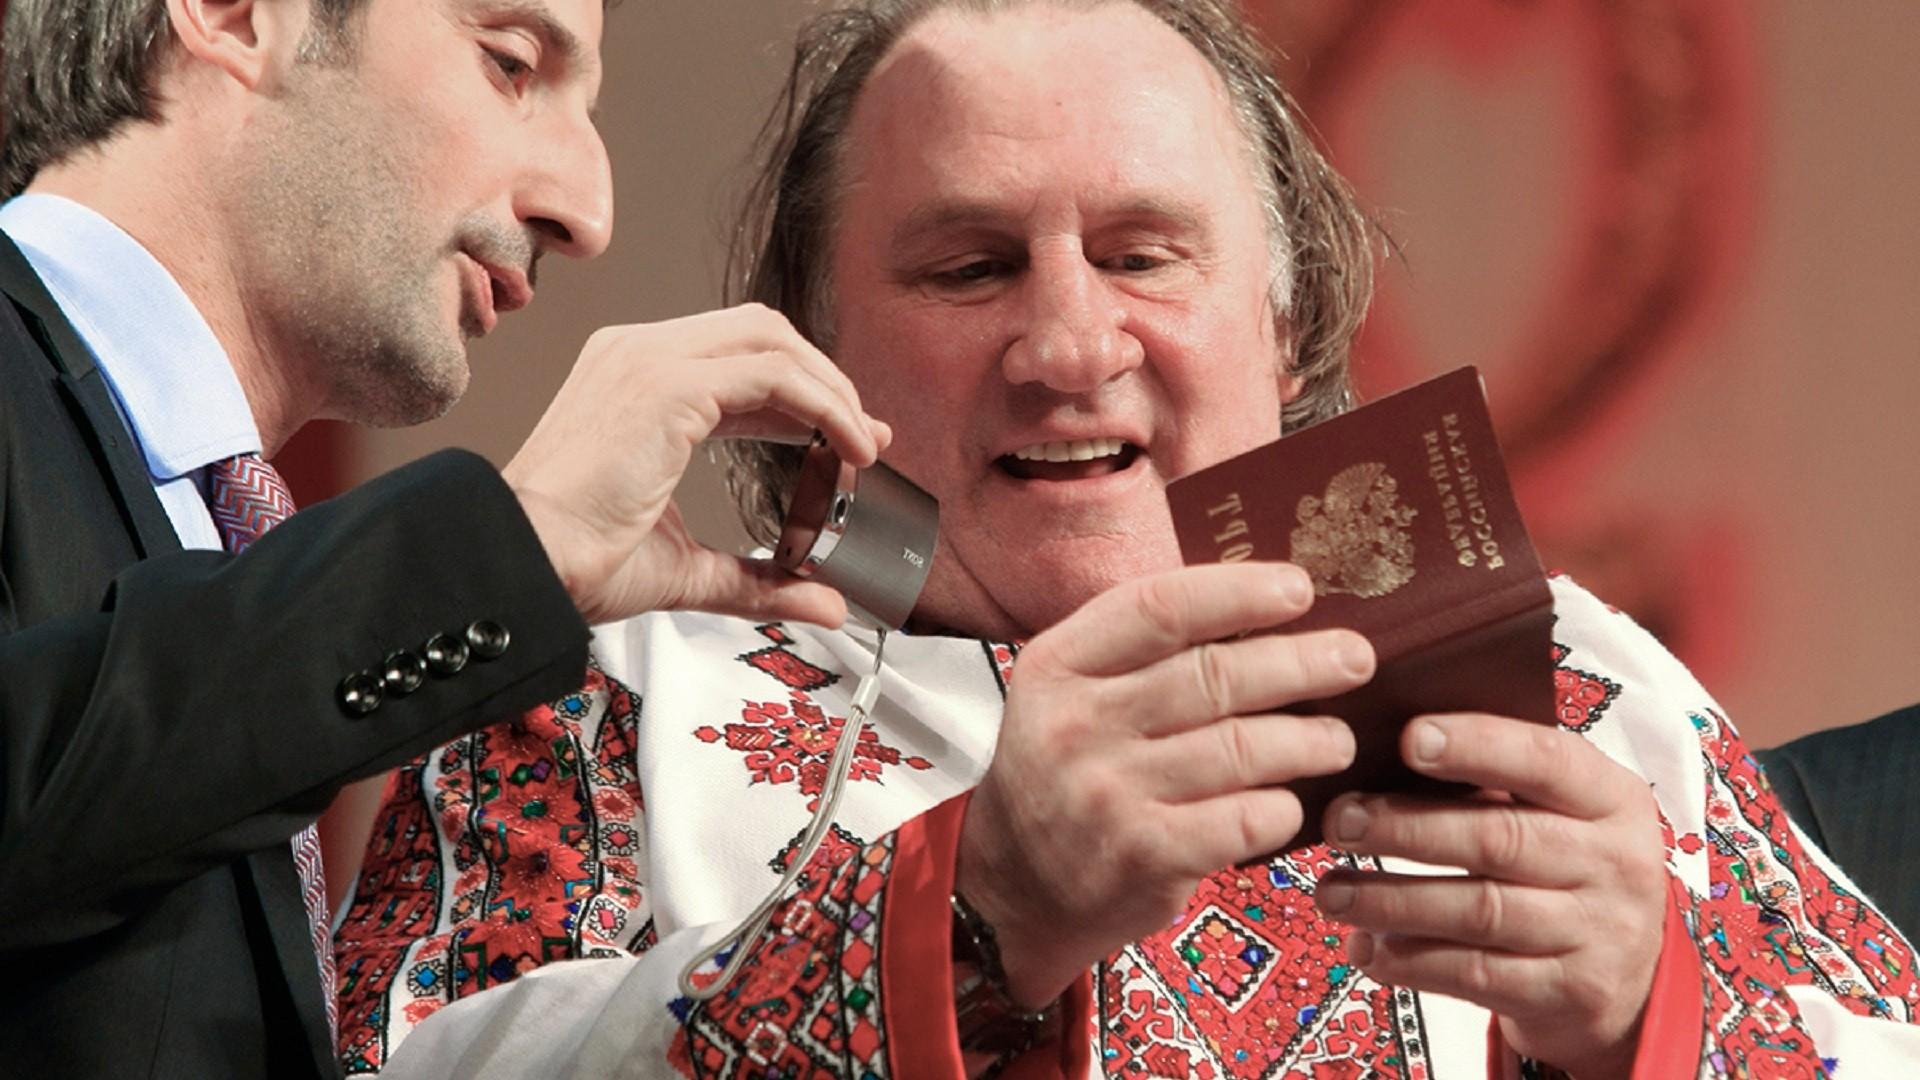 Gérard Depardieu, désormais détenteur de la citoyenneté russe, en tenue traditionnelle mordve, examine son passeport avec son traducteur, sur la scène du Théâtre d'opéra et de ballet de Saransk, capitale de la République de Mordovie où il possède un logement.